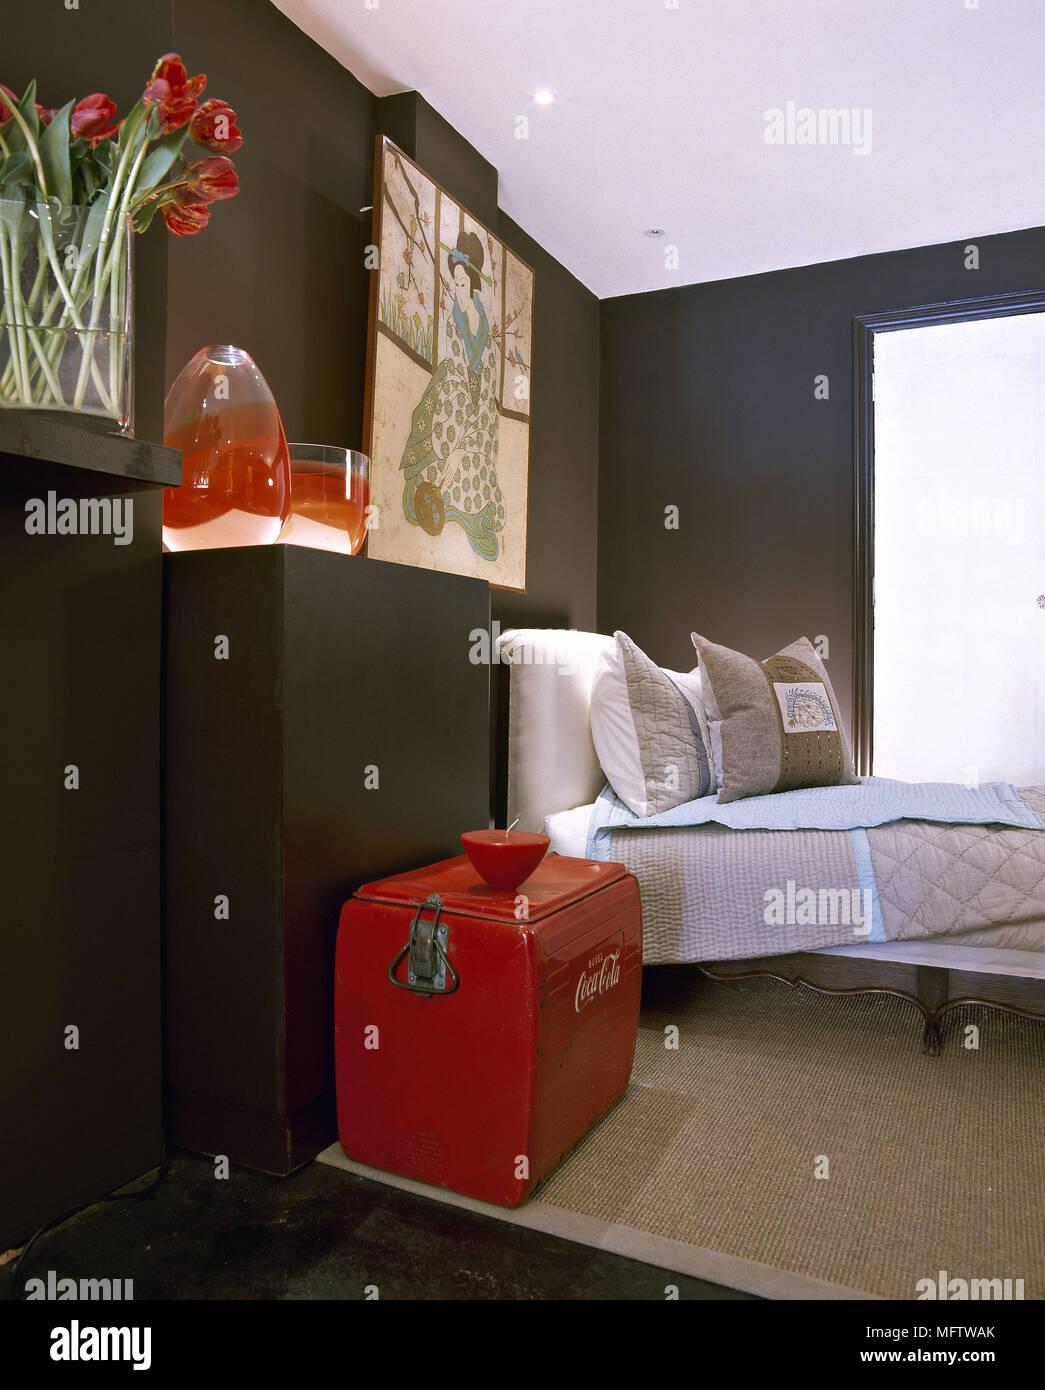 Una moderna camera da letto stampa giapponese vasi rossi morbidi ...